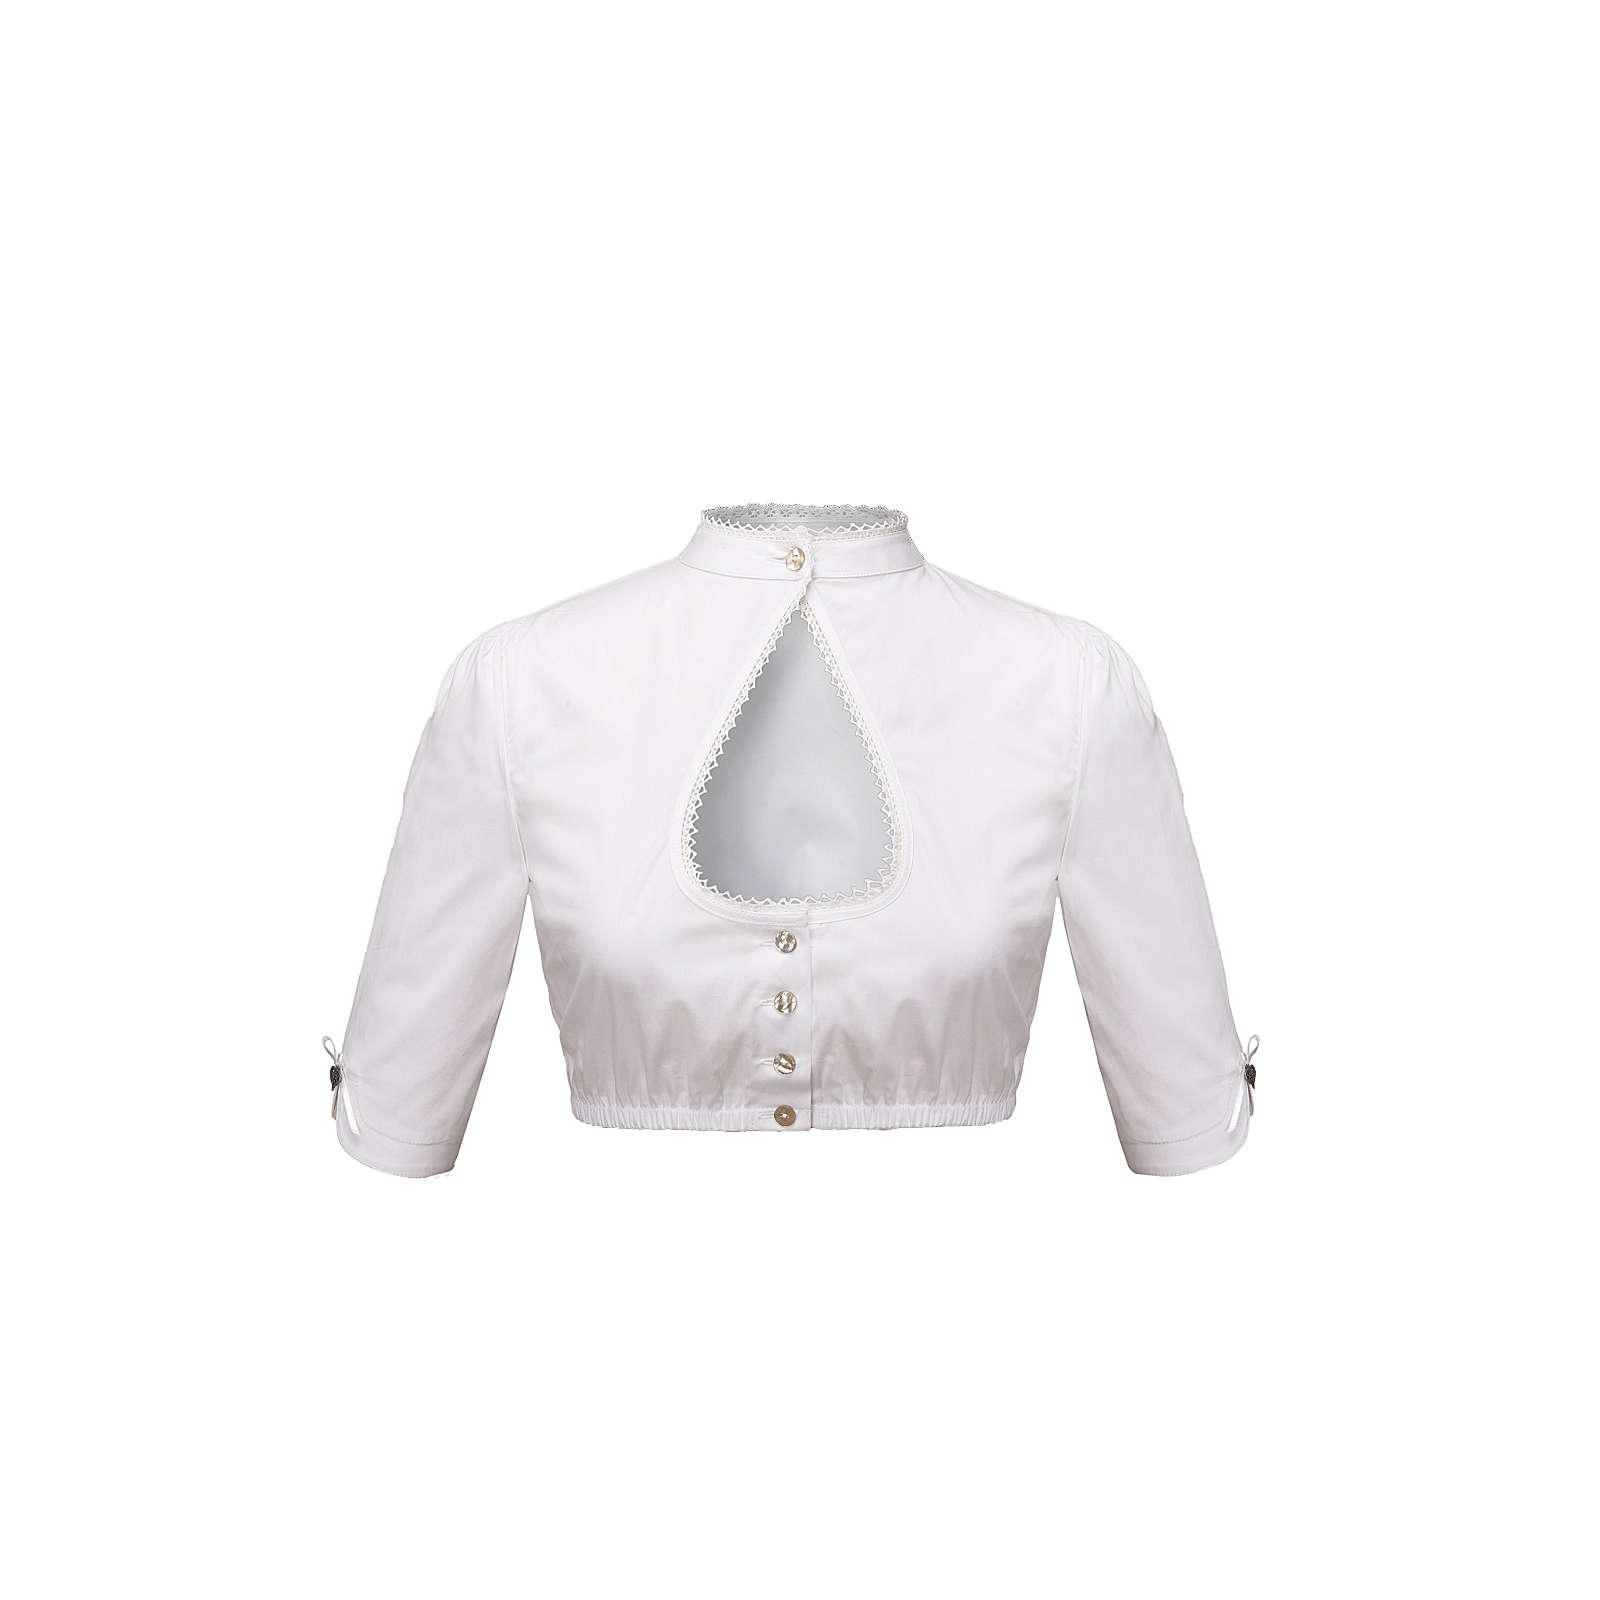 Stockerpoint Bluse weiß Damen Gr. 32